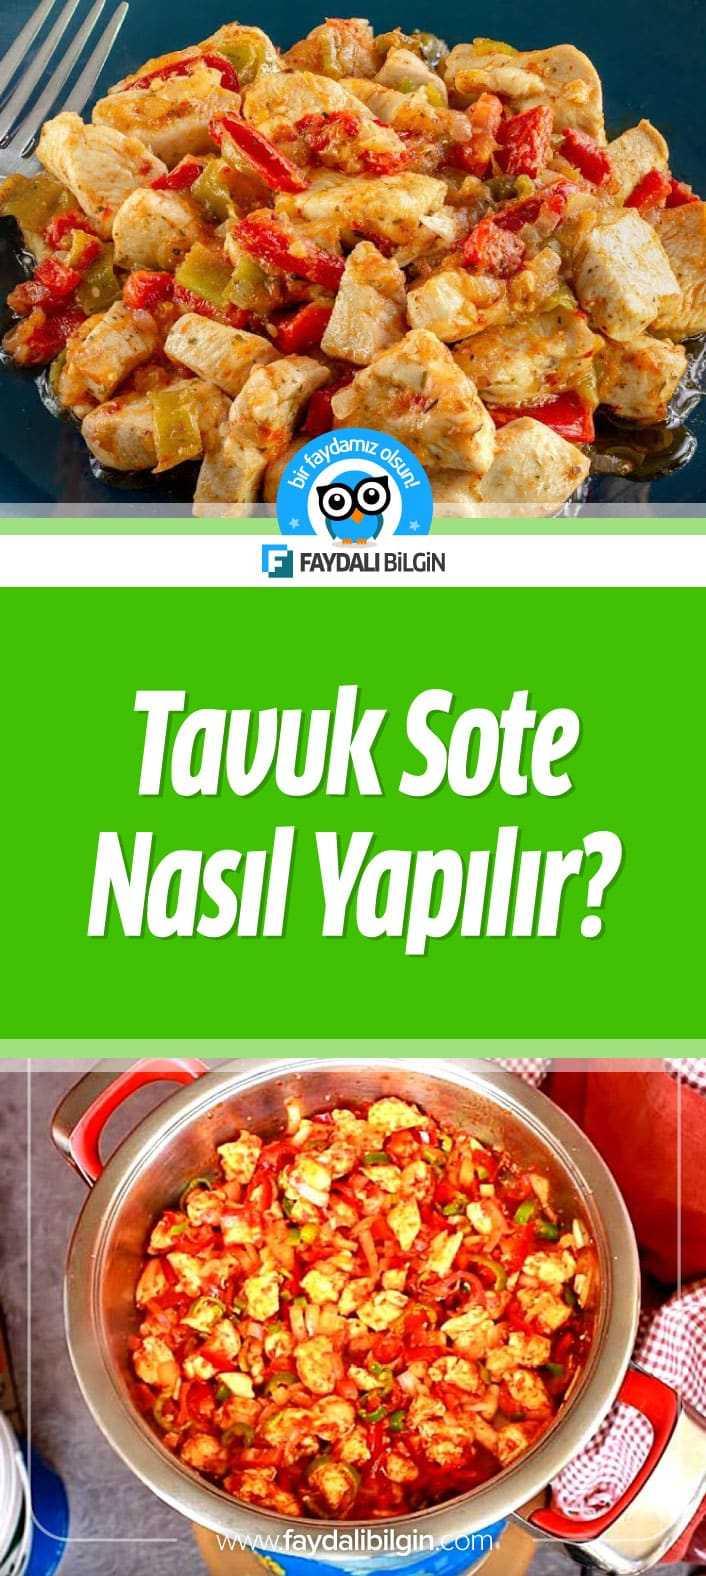 Tavuk Sote Nasıl Yapılır? Nefis Yemek Tarifleri kanalının hazırladığı Tavuk Sote video tarifi.